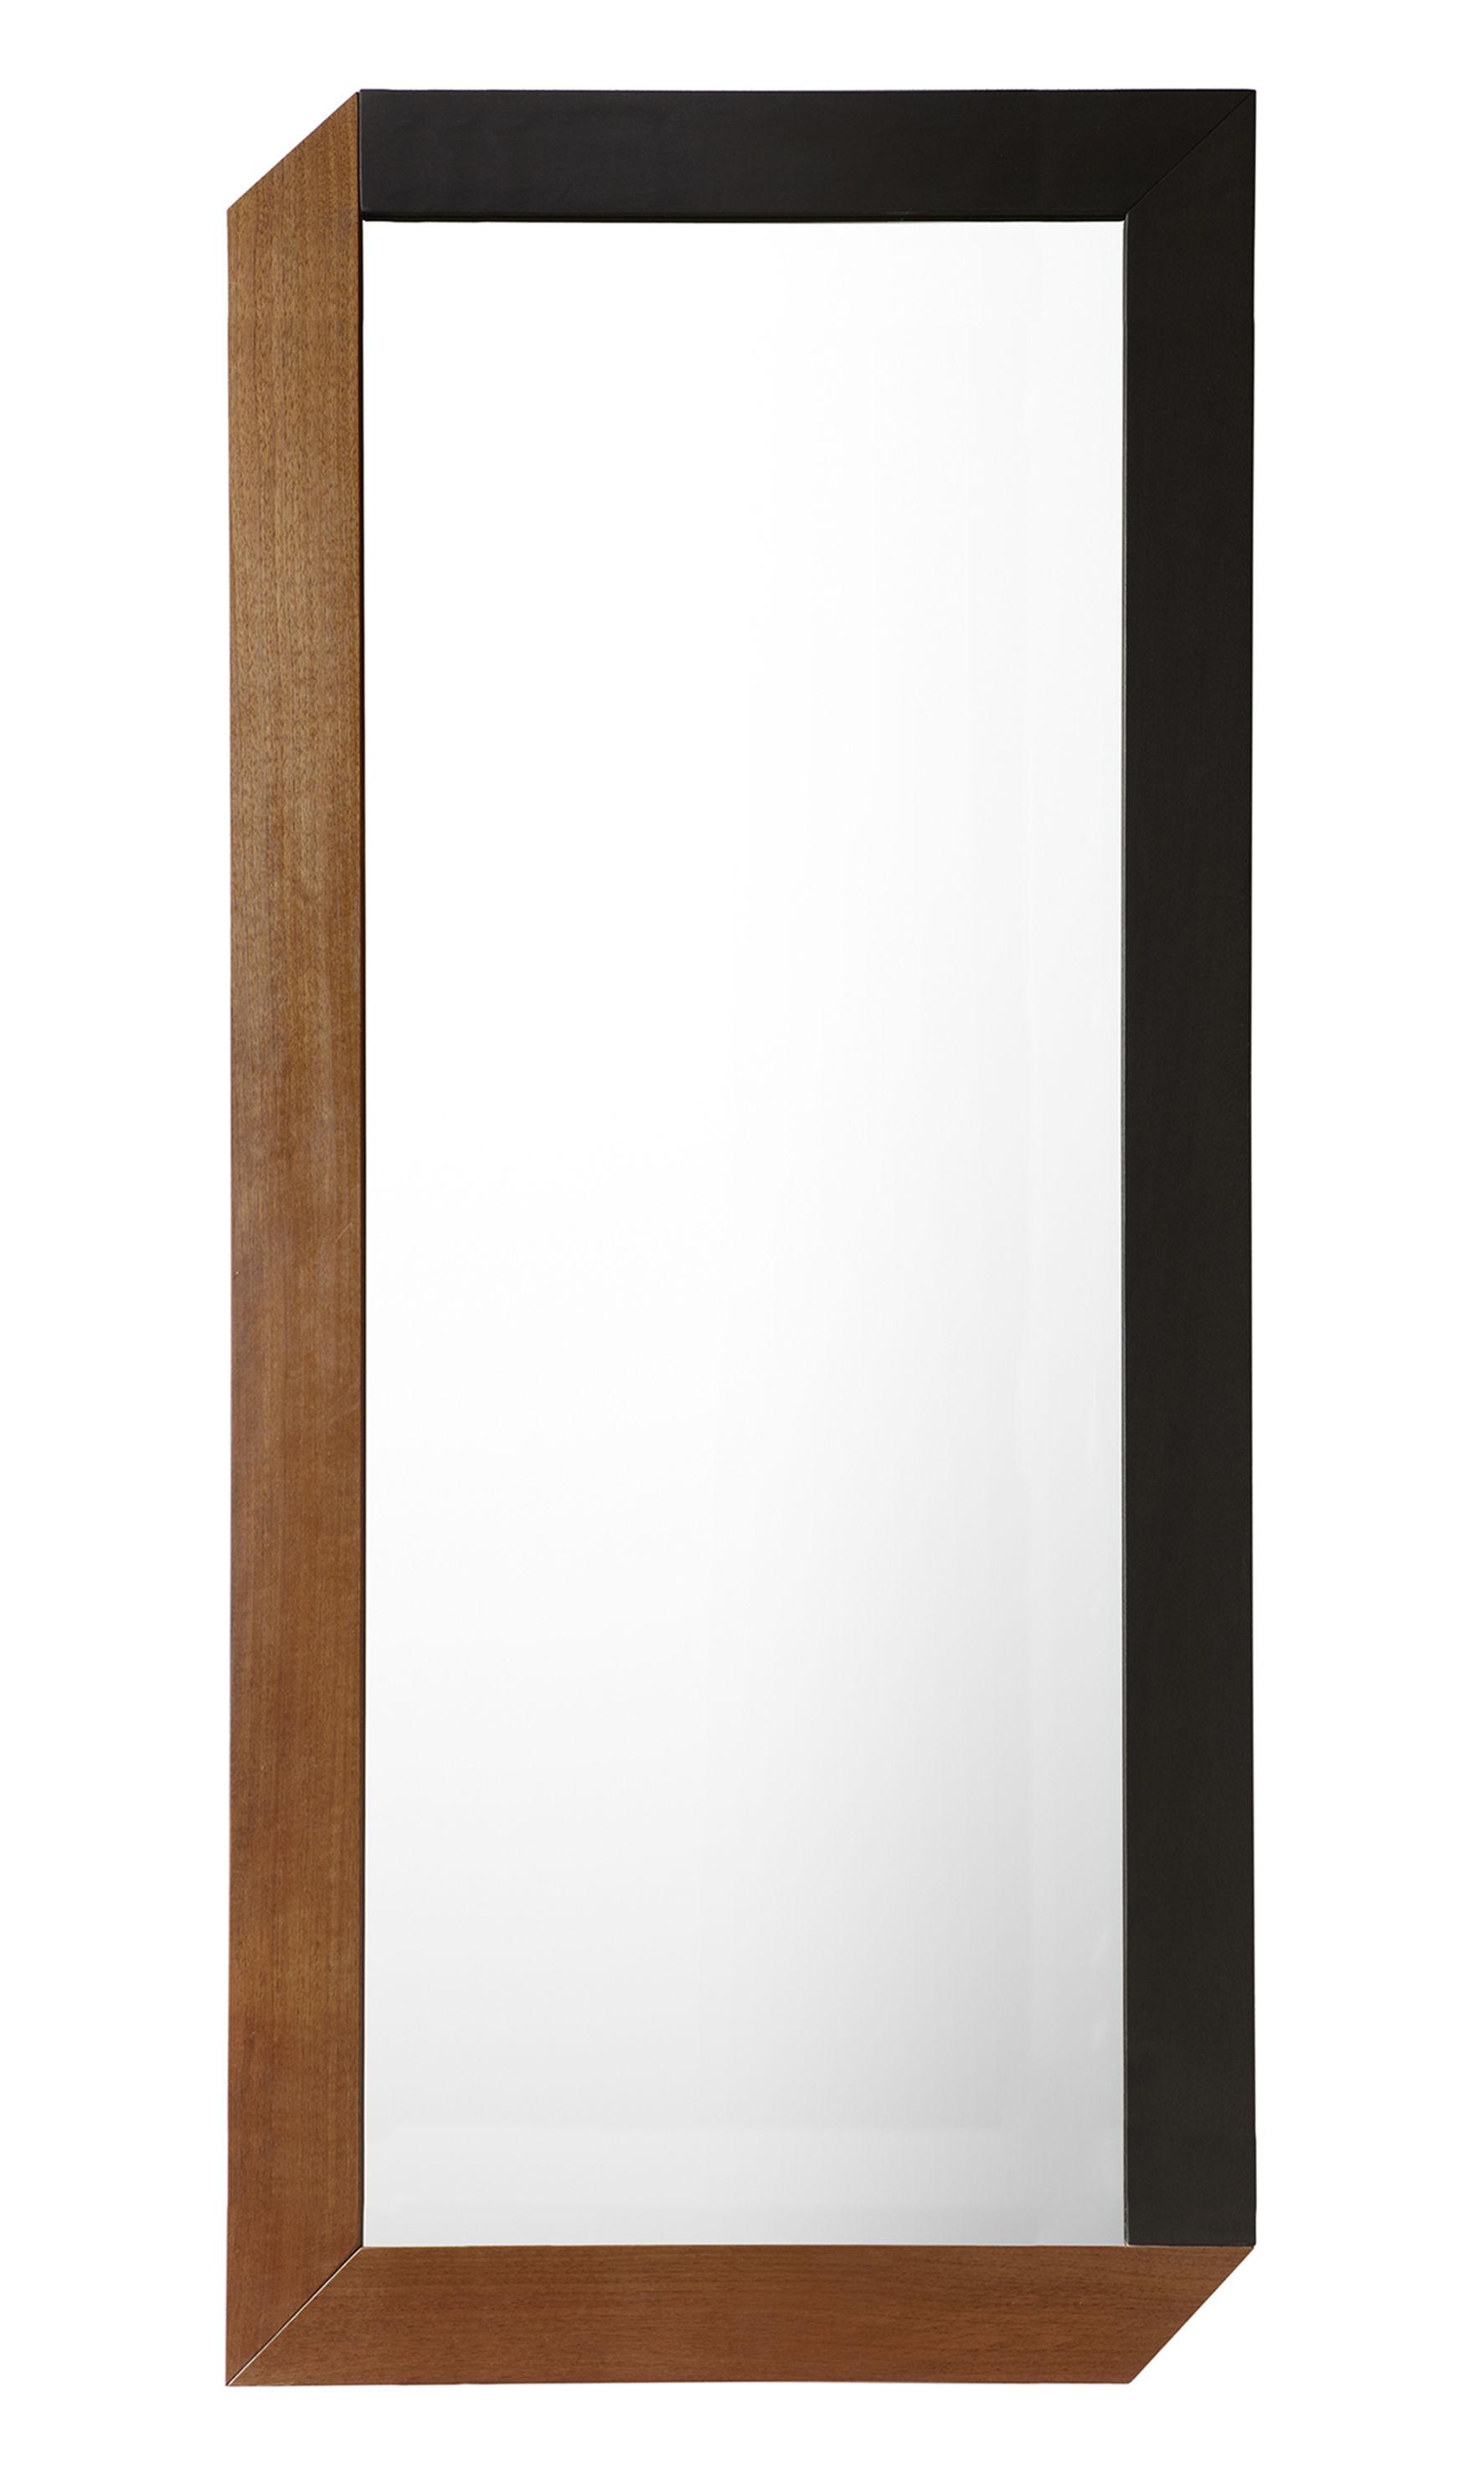 Interni - Specchi - Specchio murale Tusa - / 40 x 90 cm di Internoitaliano - 40 x 90 cm / Noce & nero - Noyer naturel, Noyer teinté, Vetro